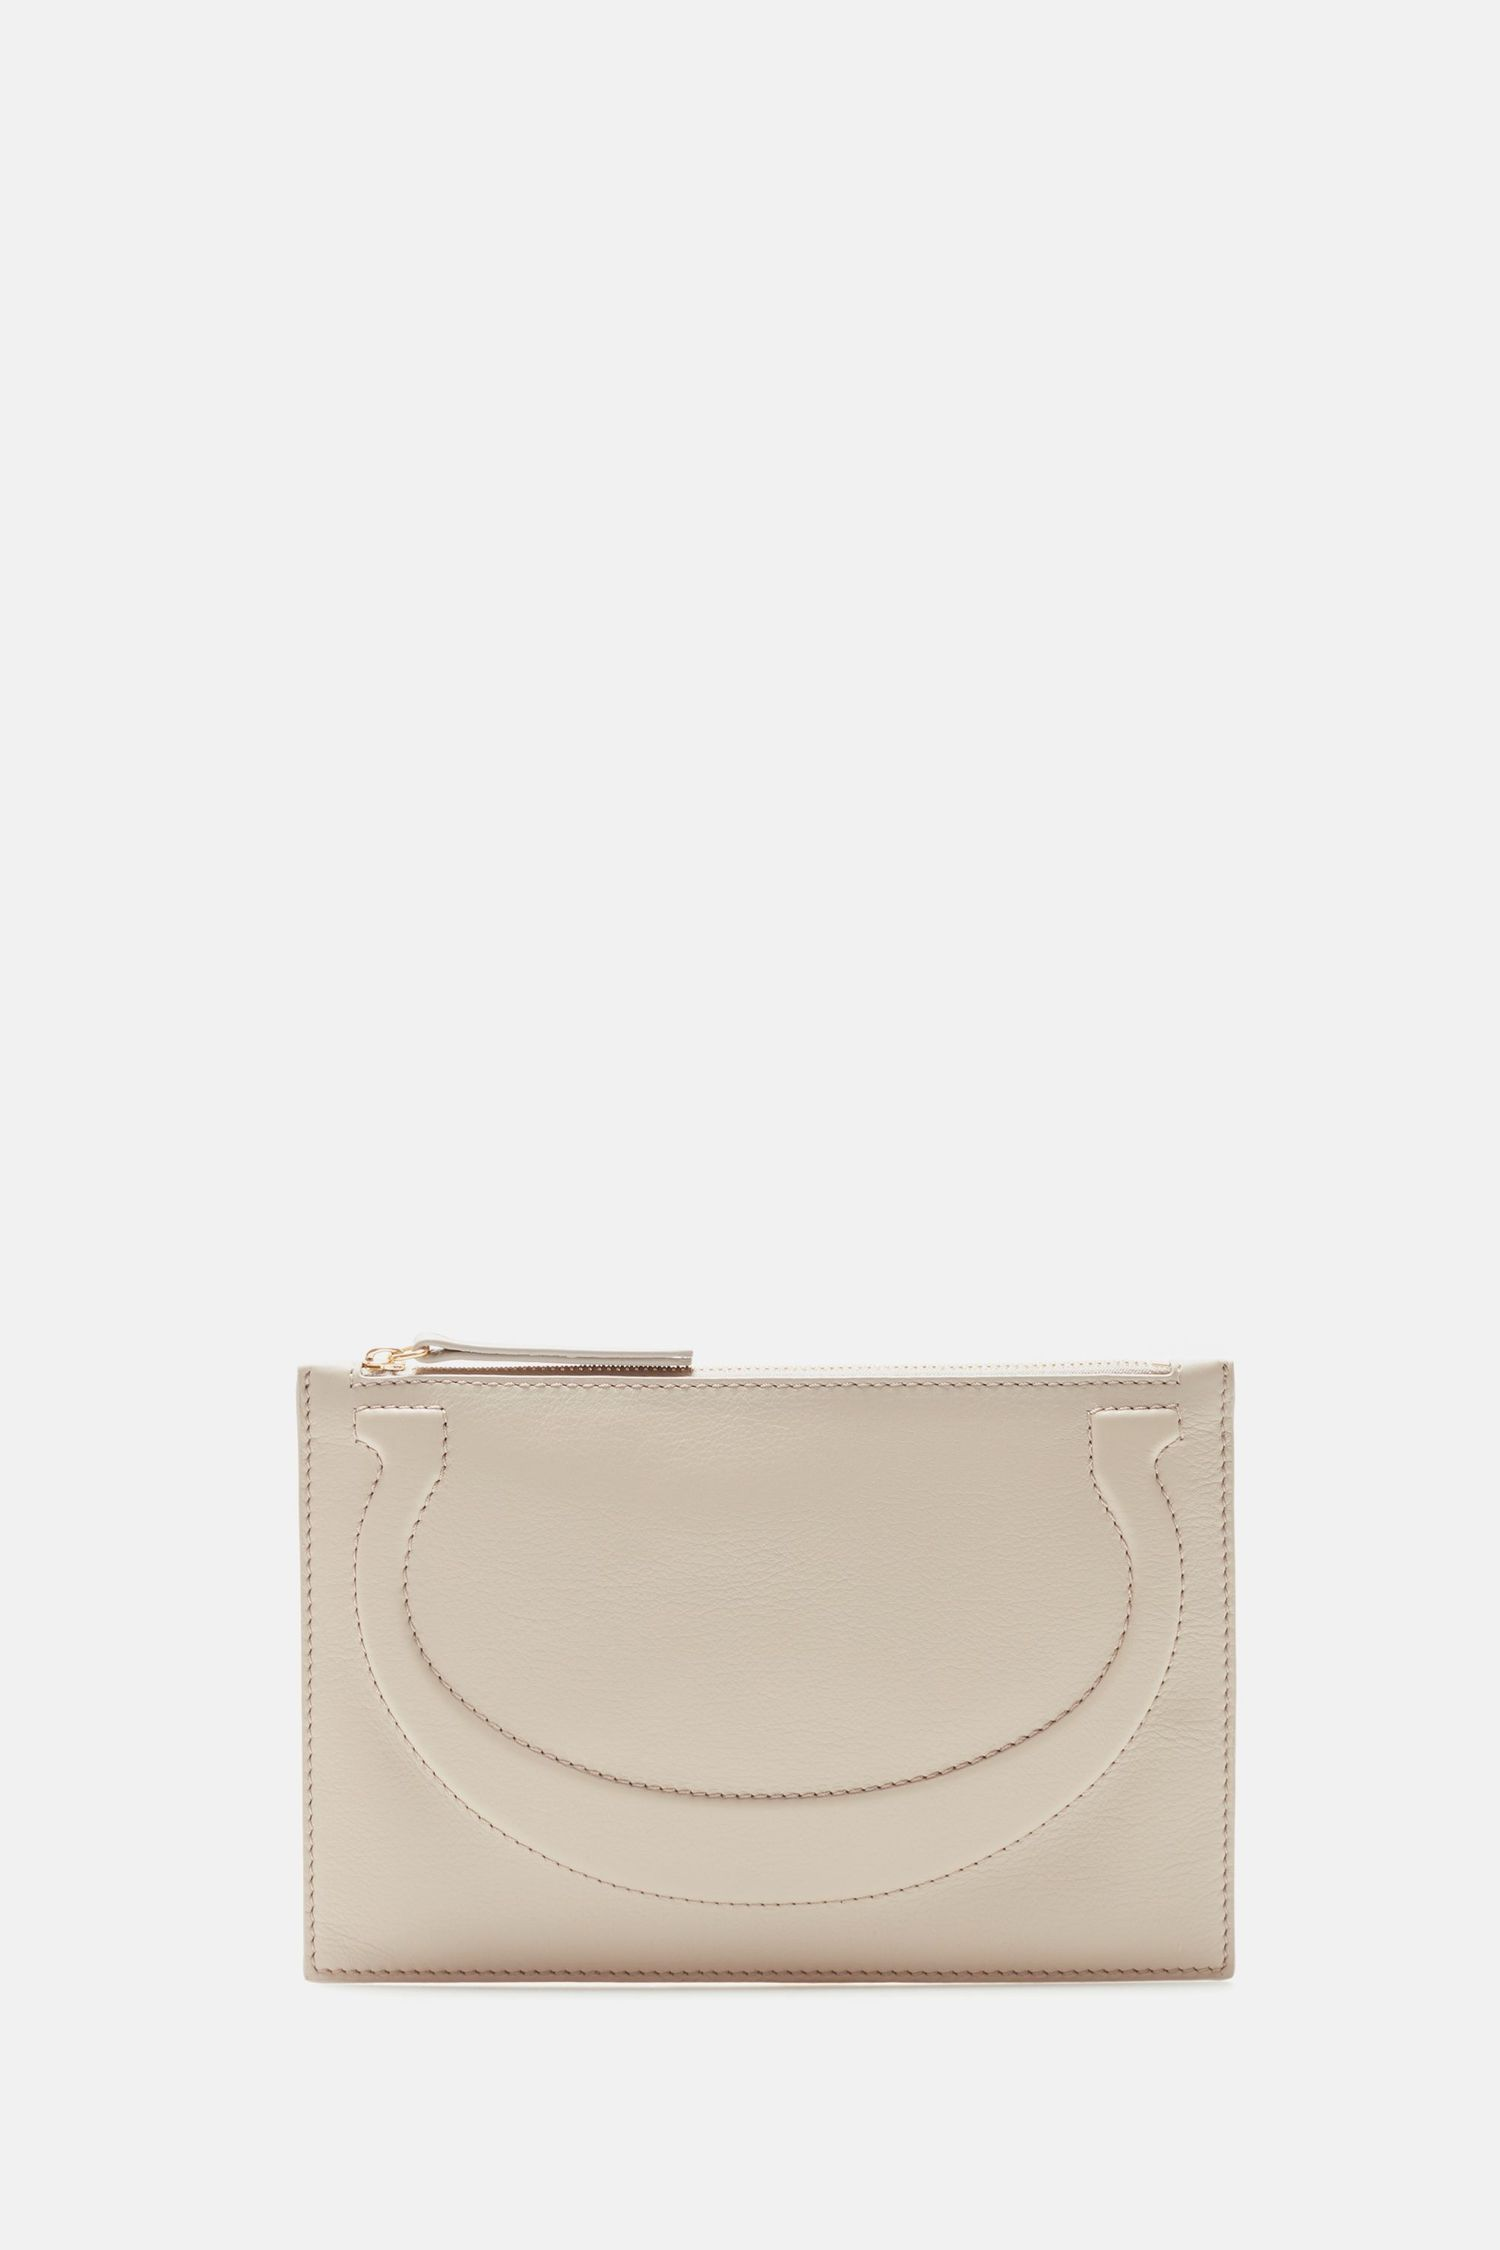 Charro Insignia | American pouch